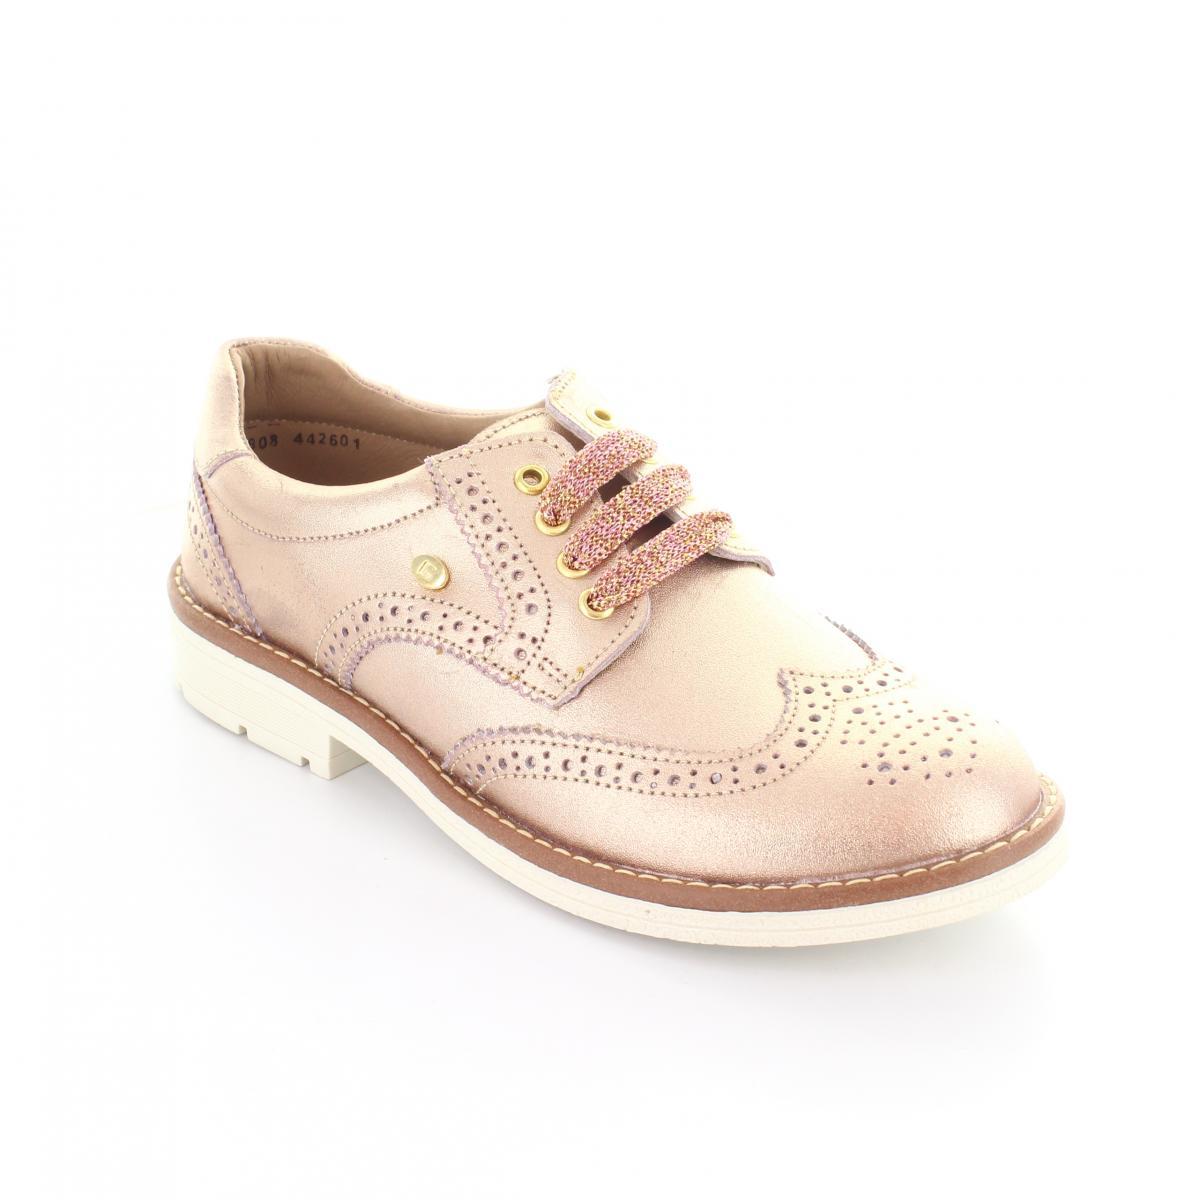 Zapato para Niña Coqueta 442601-V Color Oro Rosado